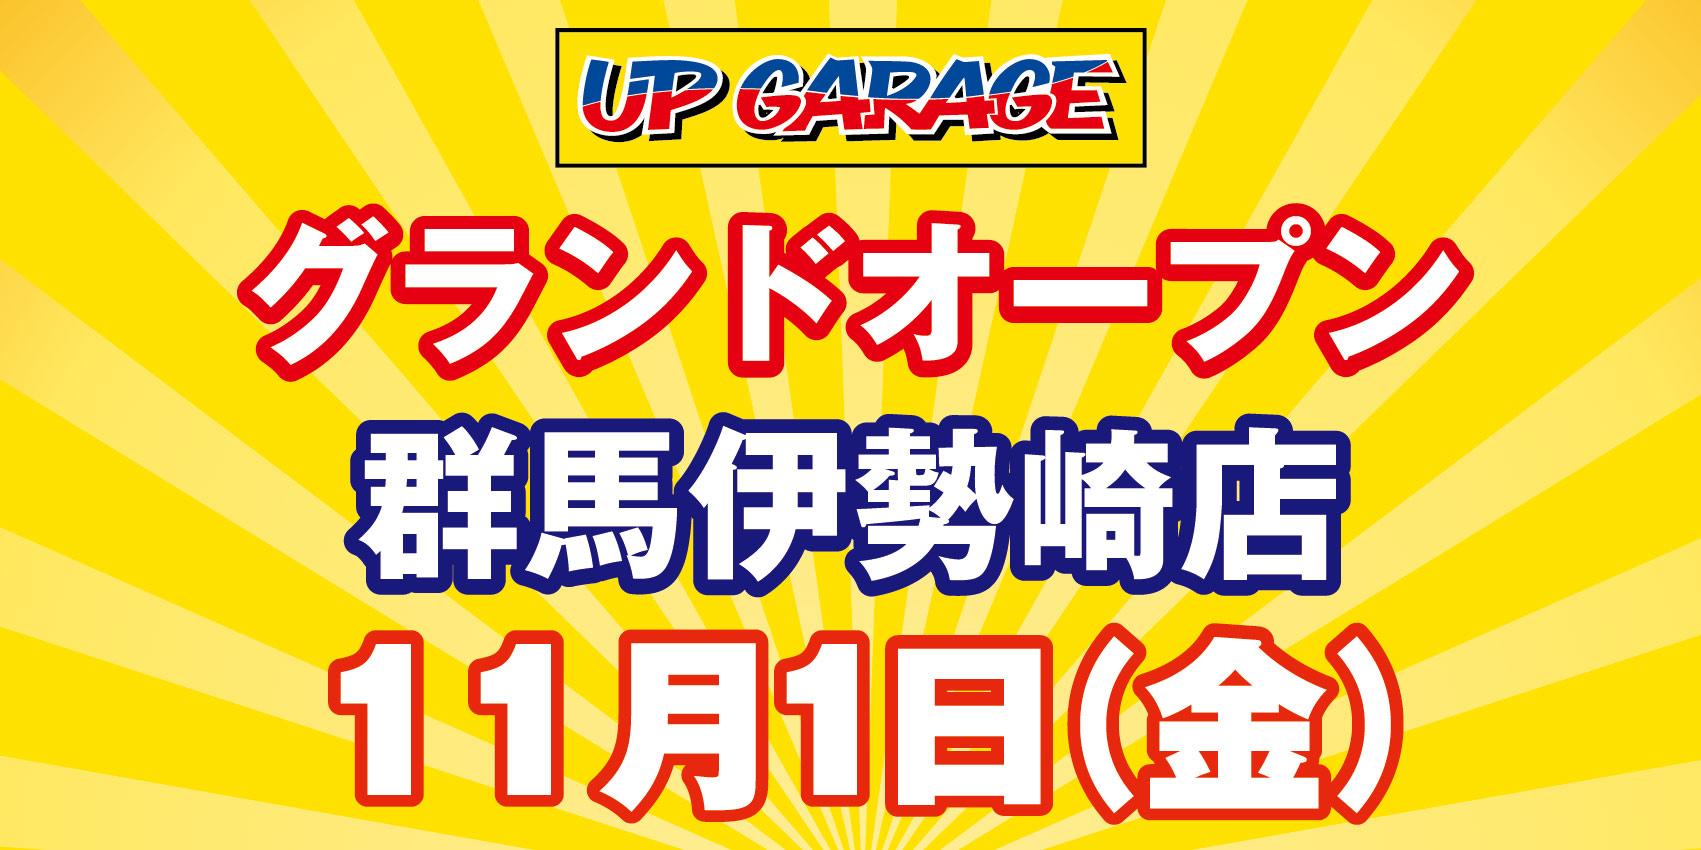 【群馬伊勢崎店】グランドオープン!ただいま先行買取中!!